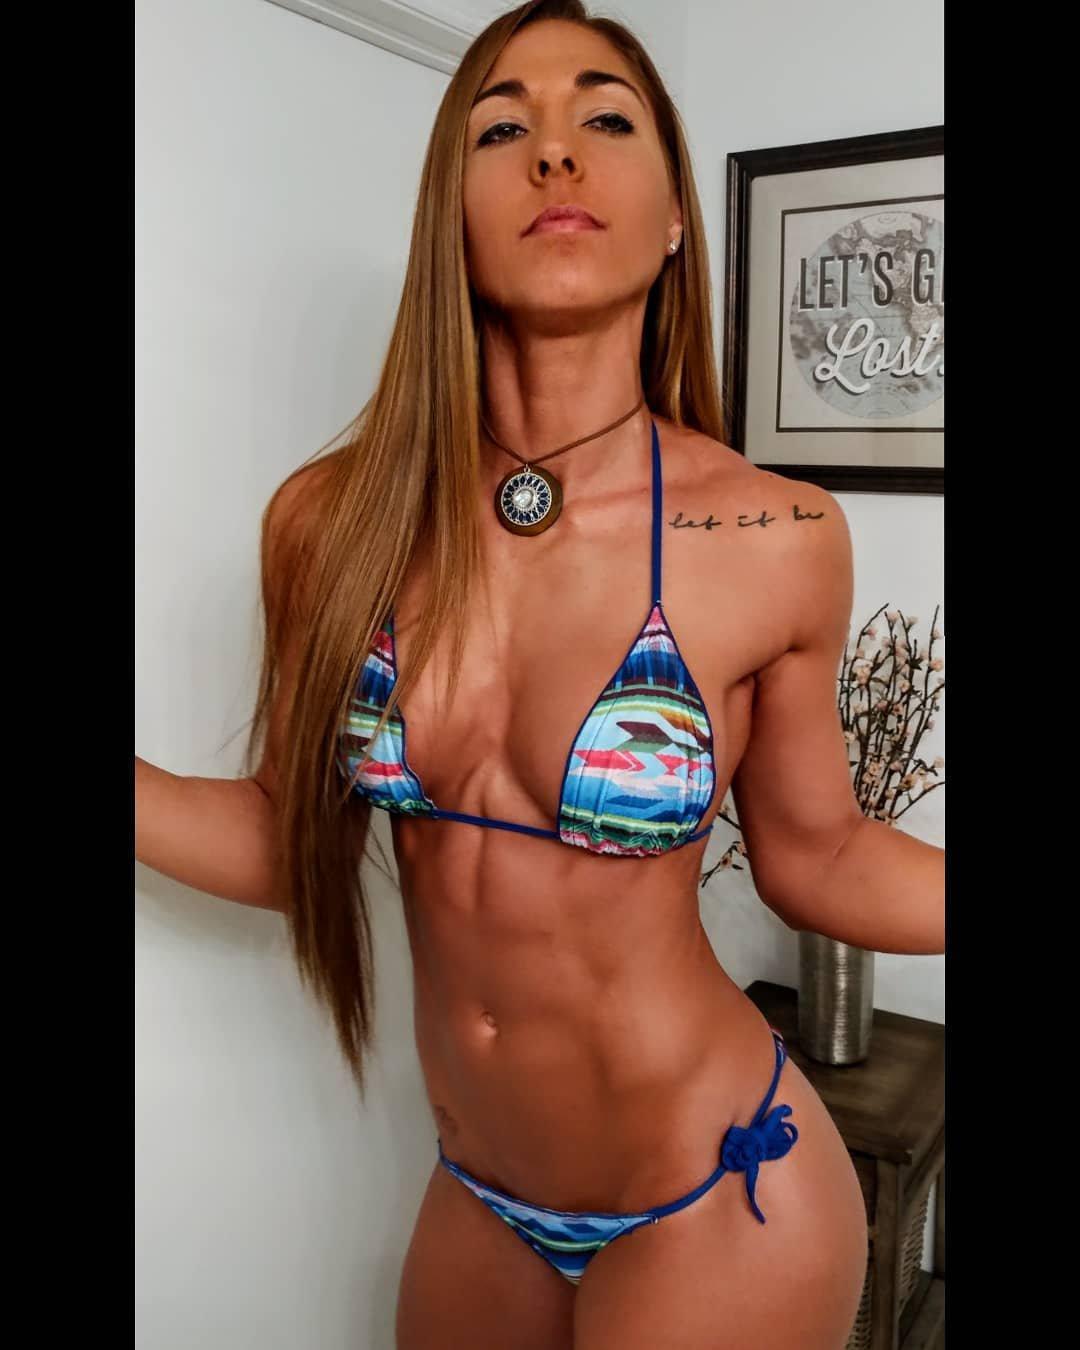 Bikini Laura Marie nudes (89 foto and video), Ass, Bikini, Selfie, in bikini 2019